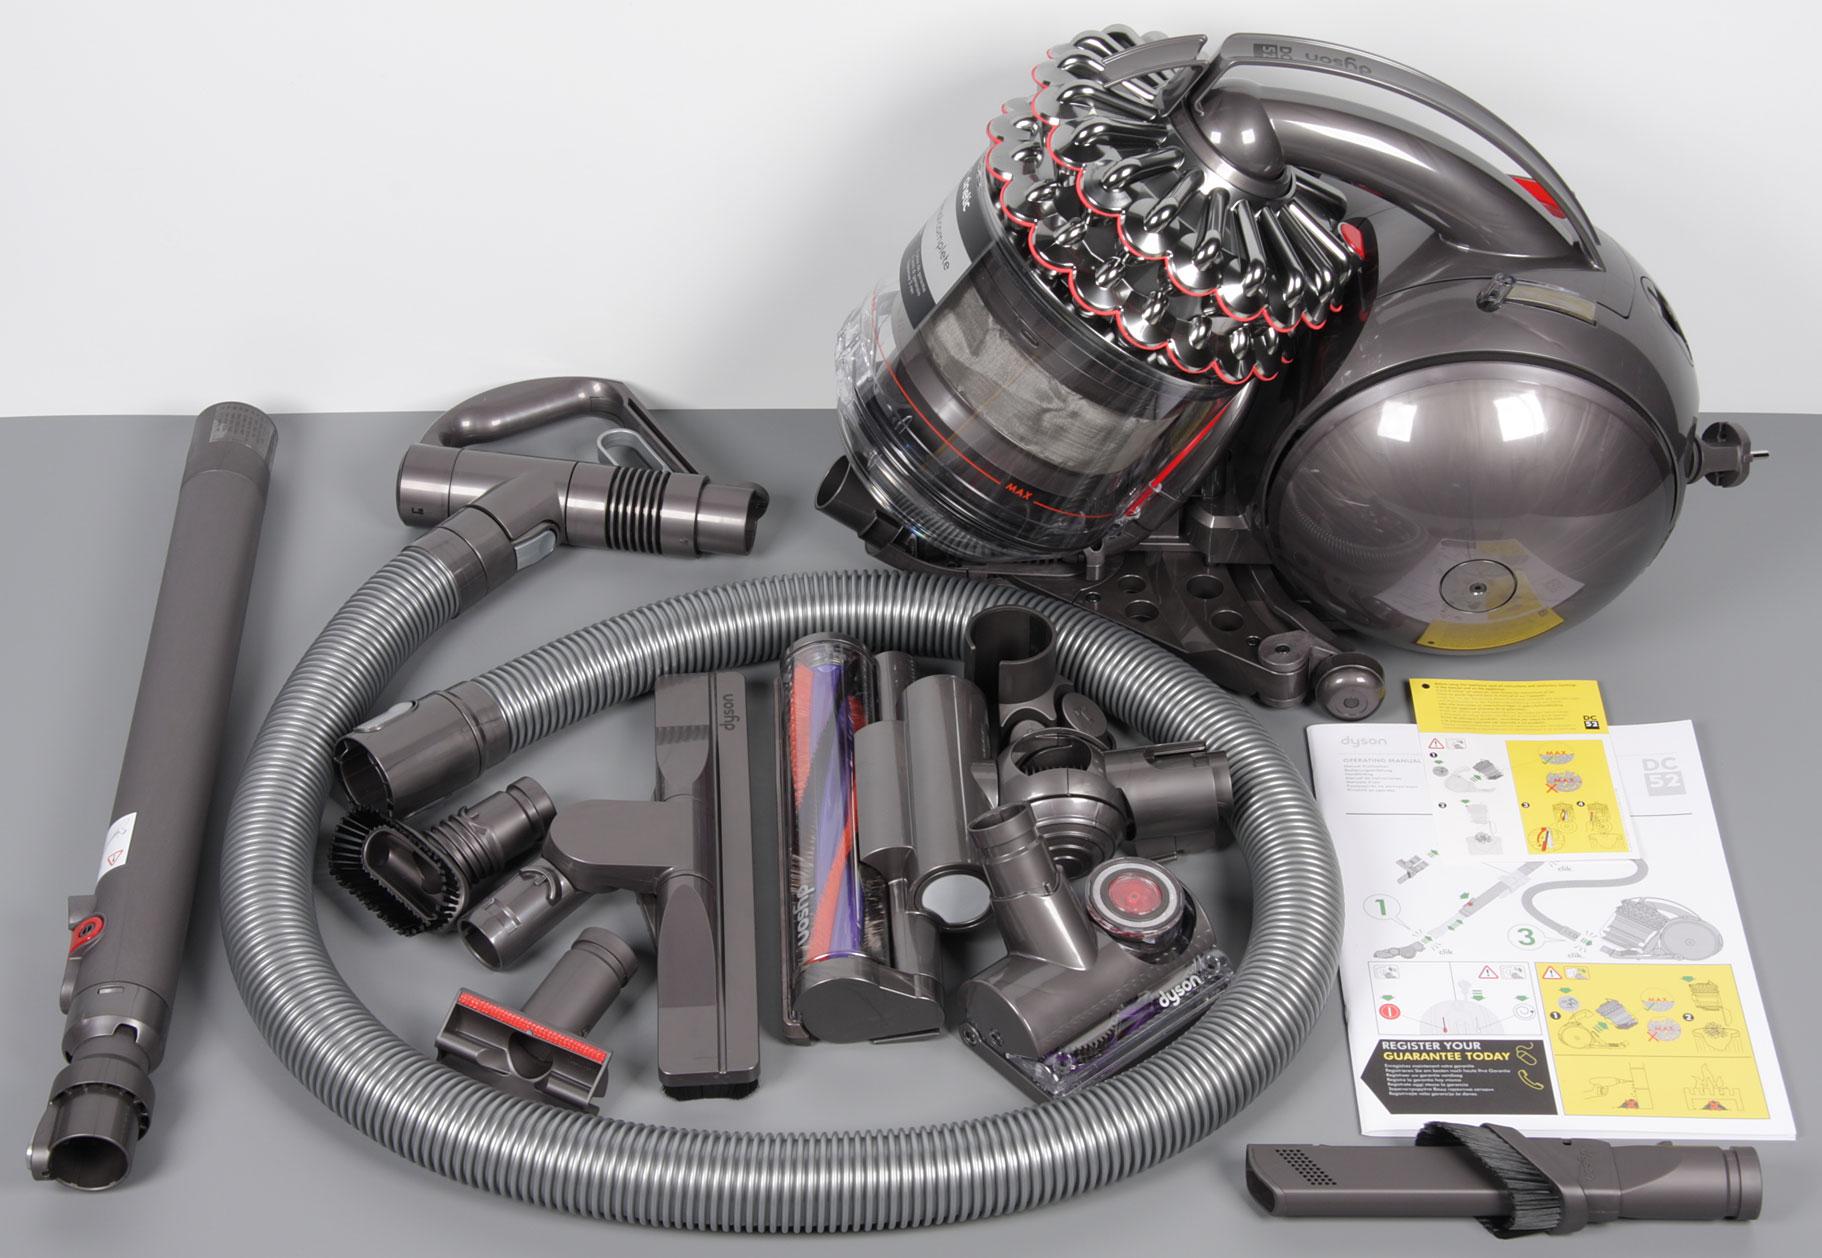 Dyson красноярск беспроводной дайсон инструкция по эксплуатации